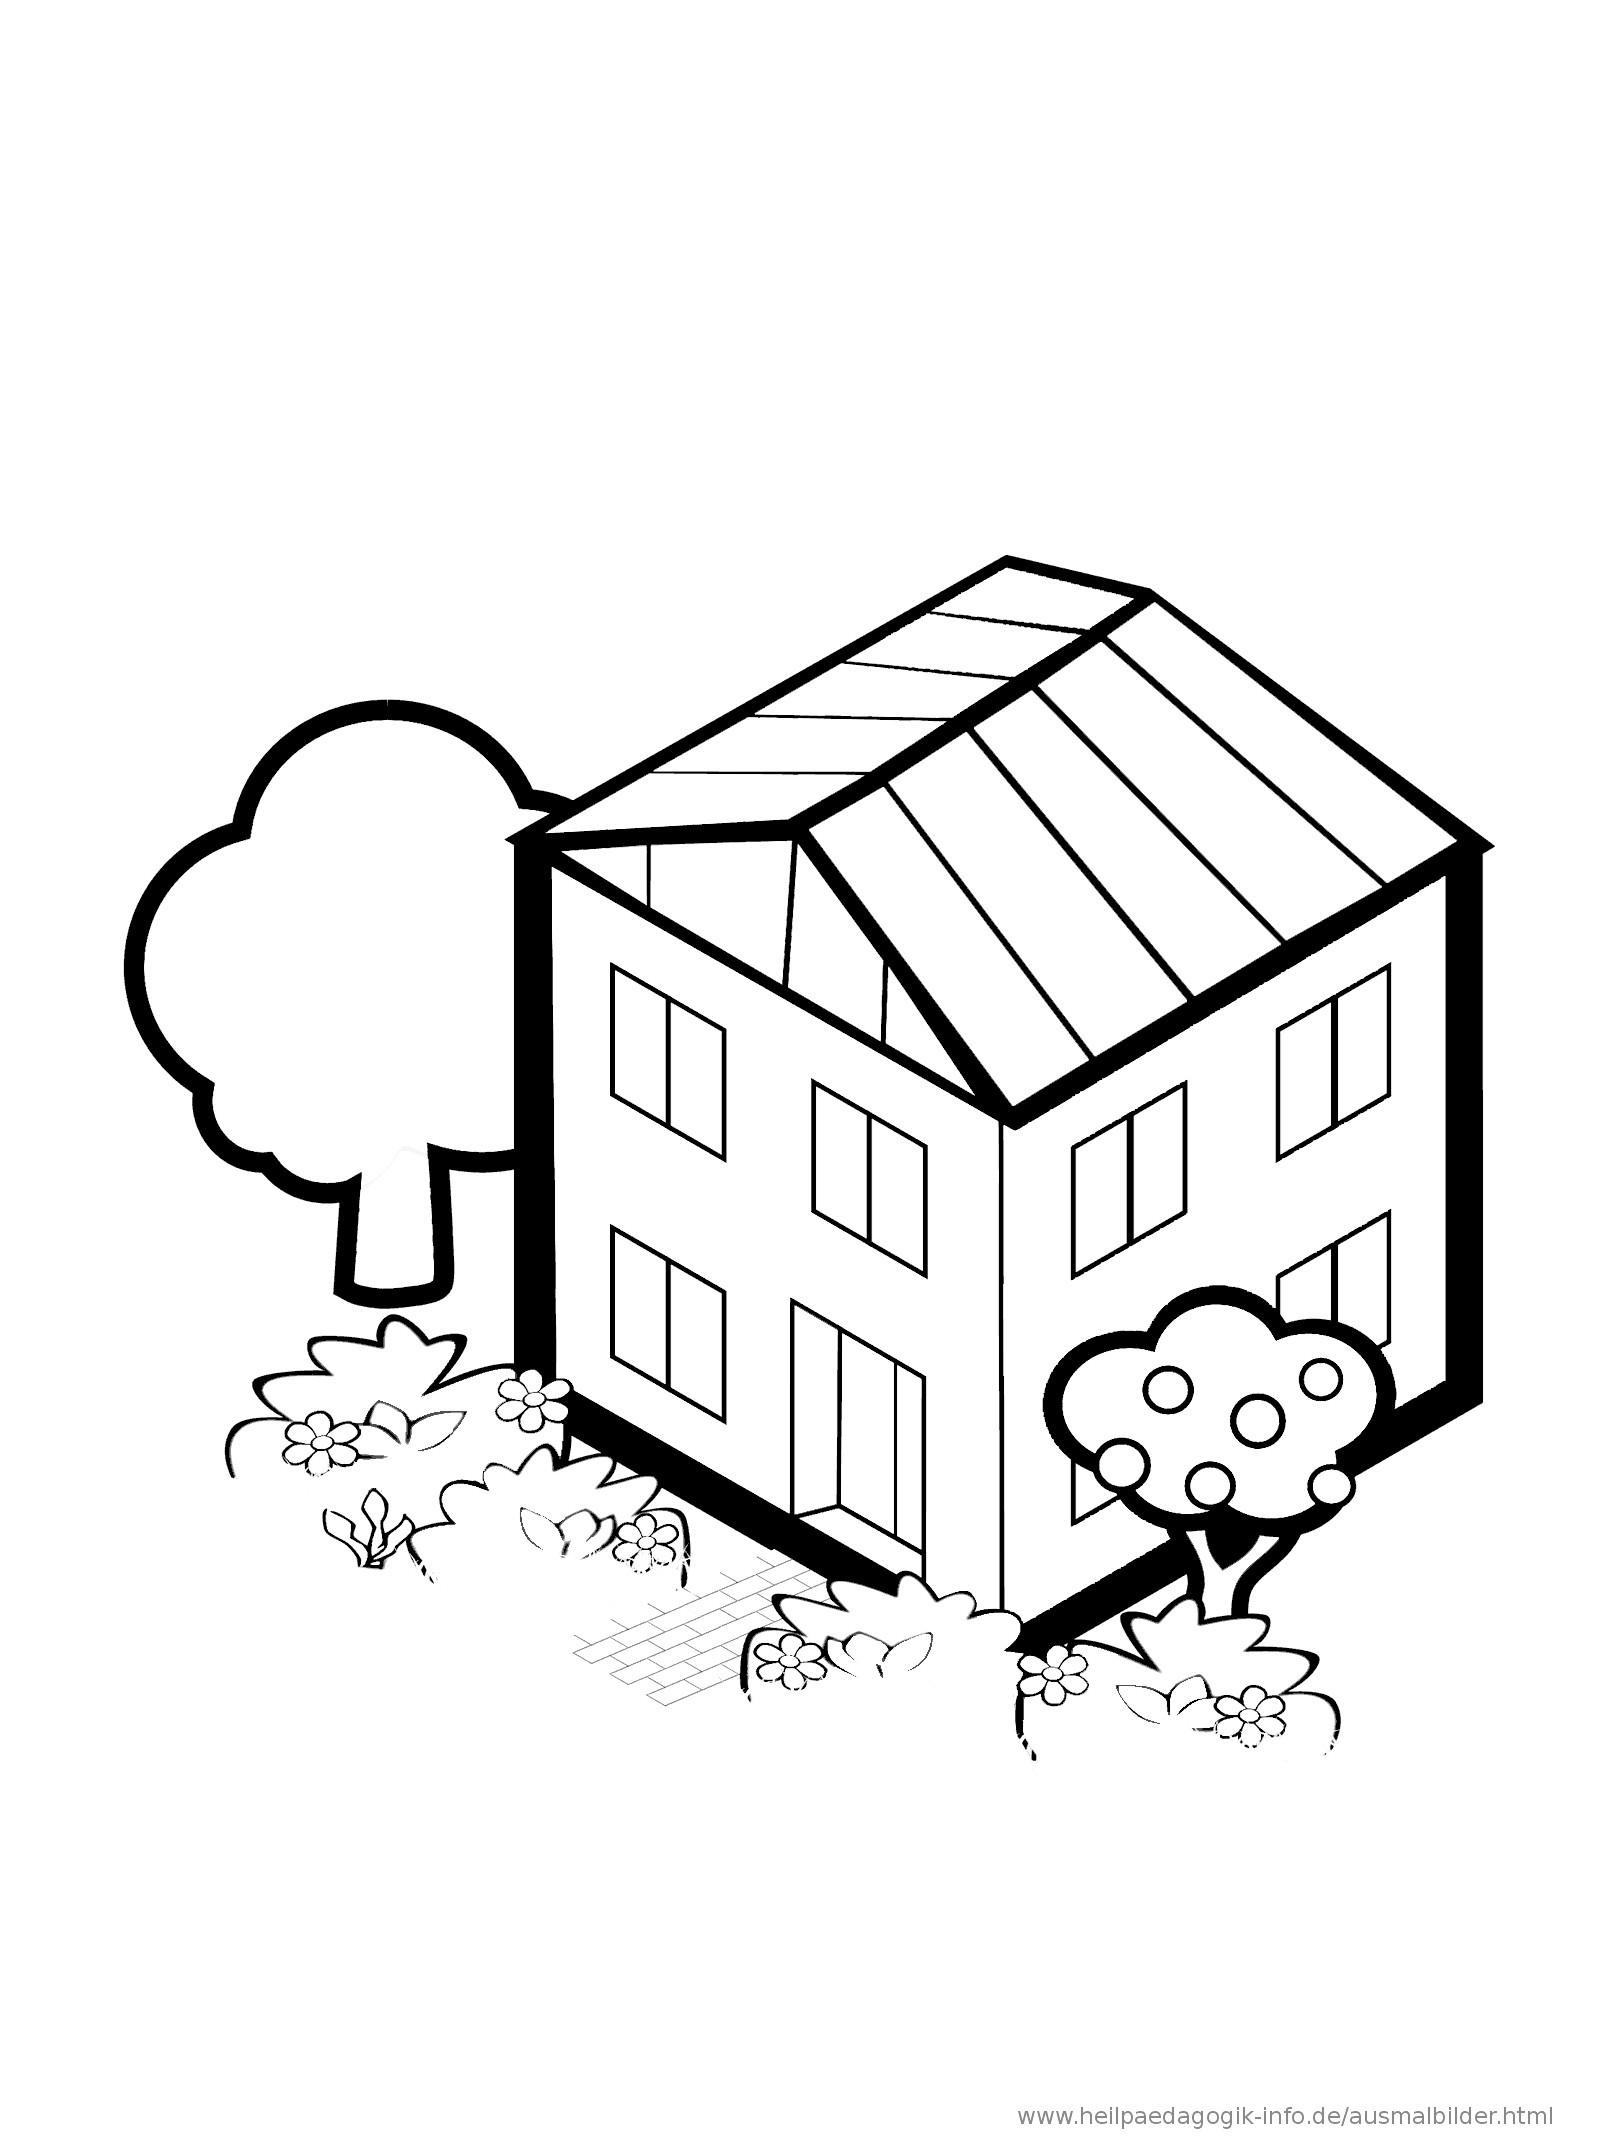 Ausmalbilder Haus Mit Garten Genial Ausmalbilder Häuser Und Gebäude Avec Ausmalbild Haus Innen Et Bild